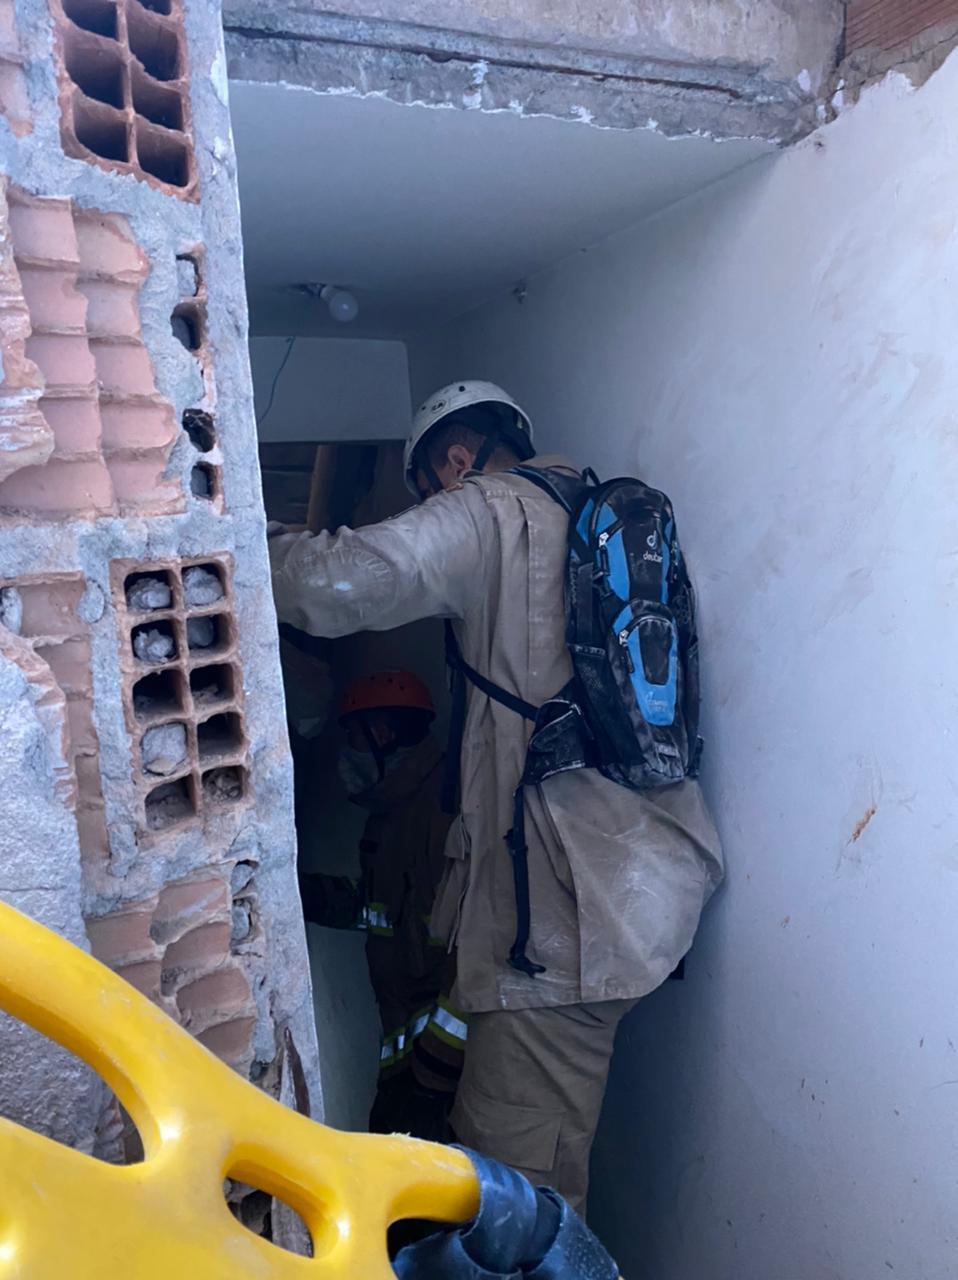 Informações iniciais apontam que ao menos 5 pessoas estão sob os escombros. Cães farejadores auxiliam no resgate - CBMR/Divulgação/ND